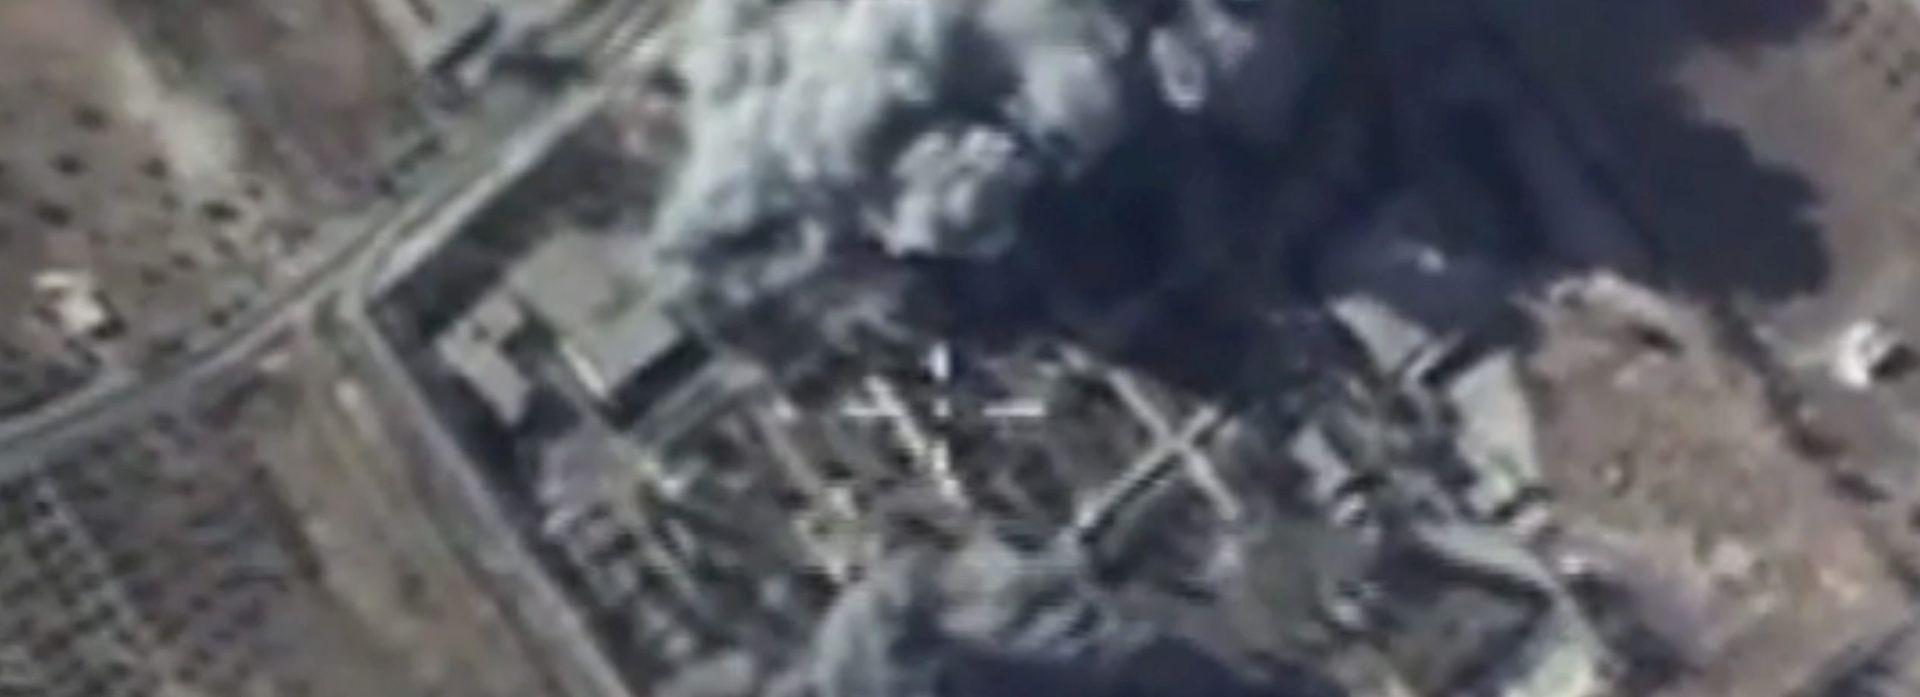 U zračnim napadima poginuo glasnogovornik sirijske Al Kaide i 20 džihadista